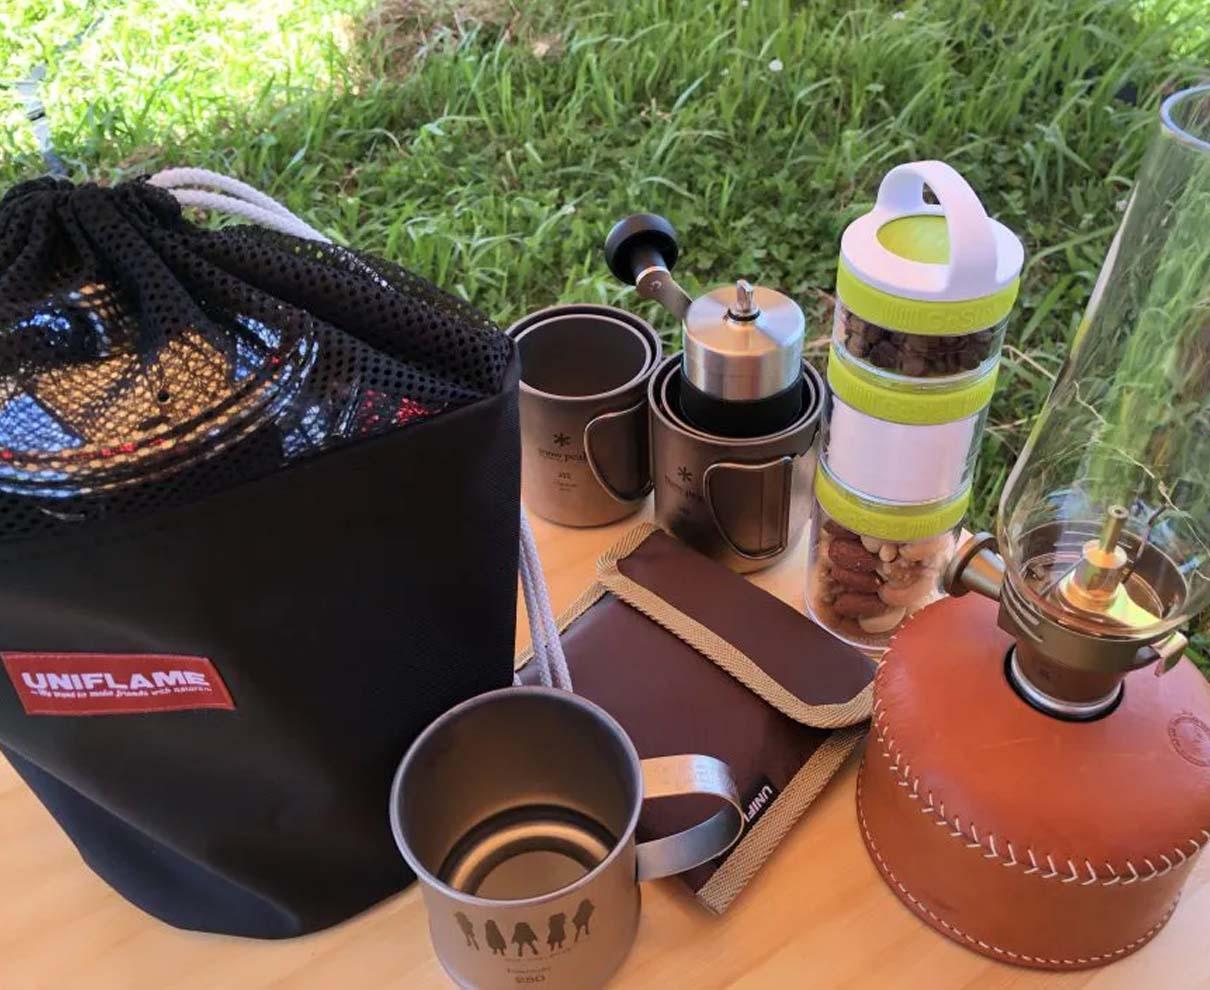 キャンプで美味しいコーヒーを淹れたいから豆を挽いて香りを楽しむ